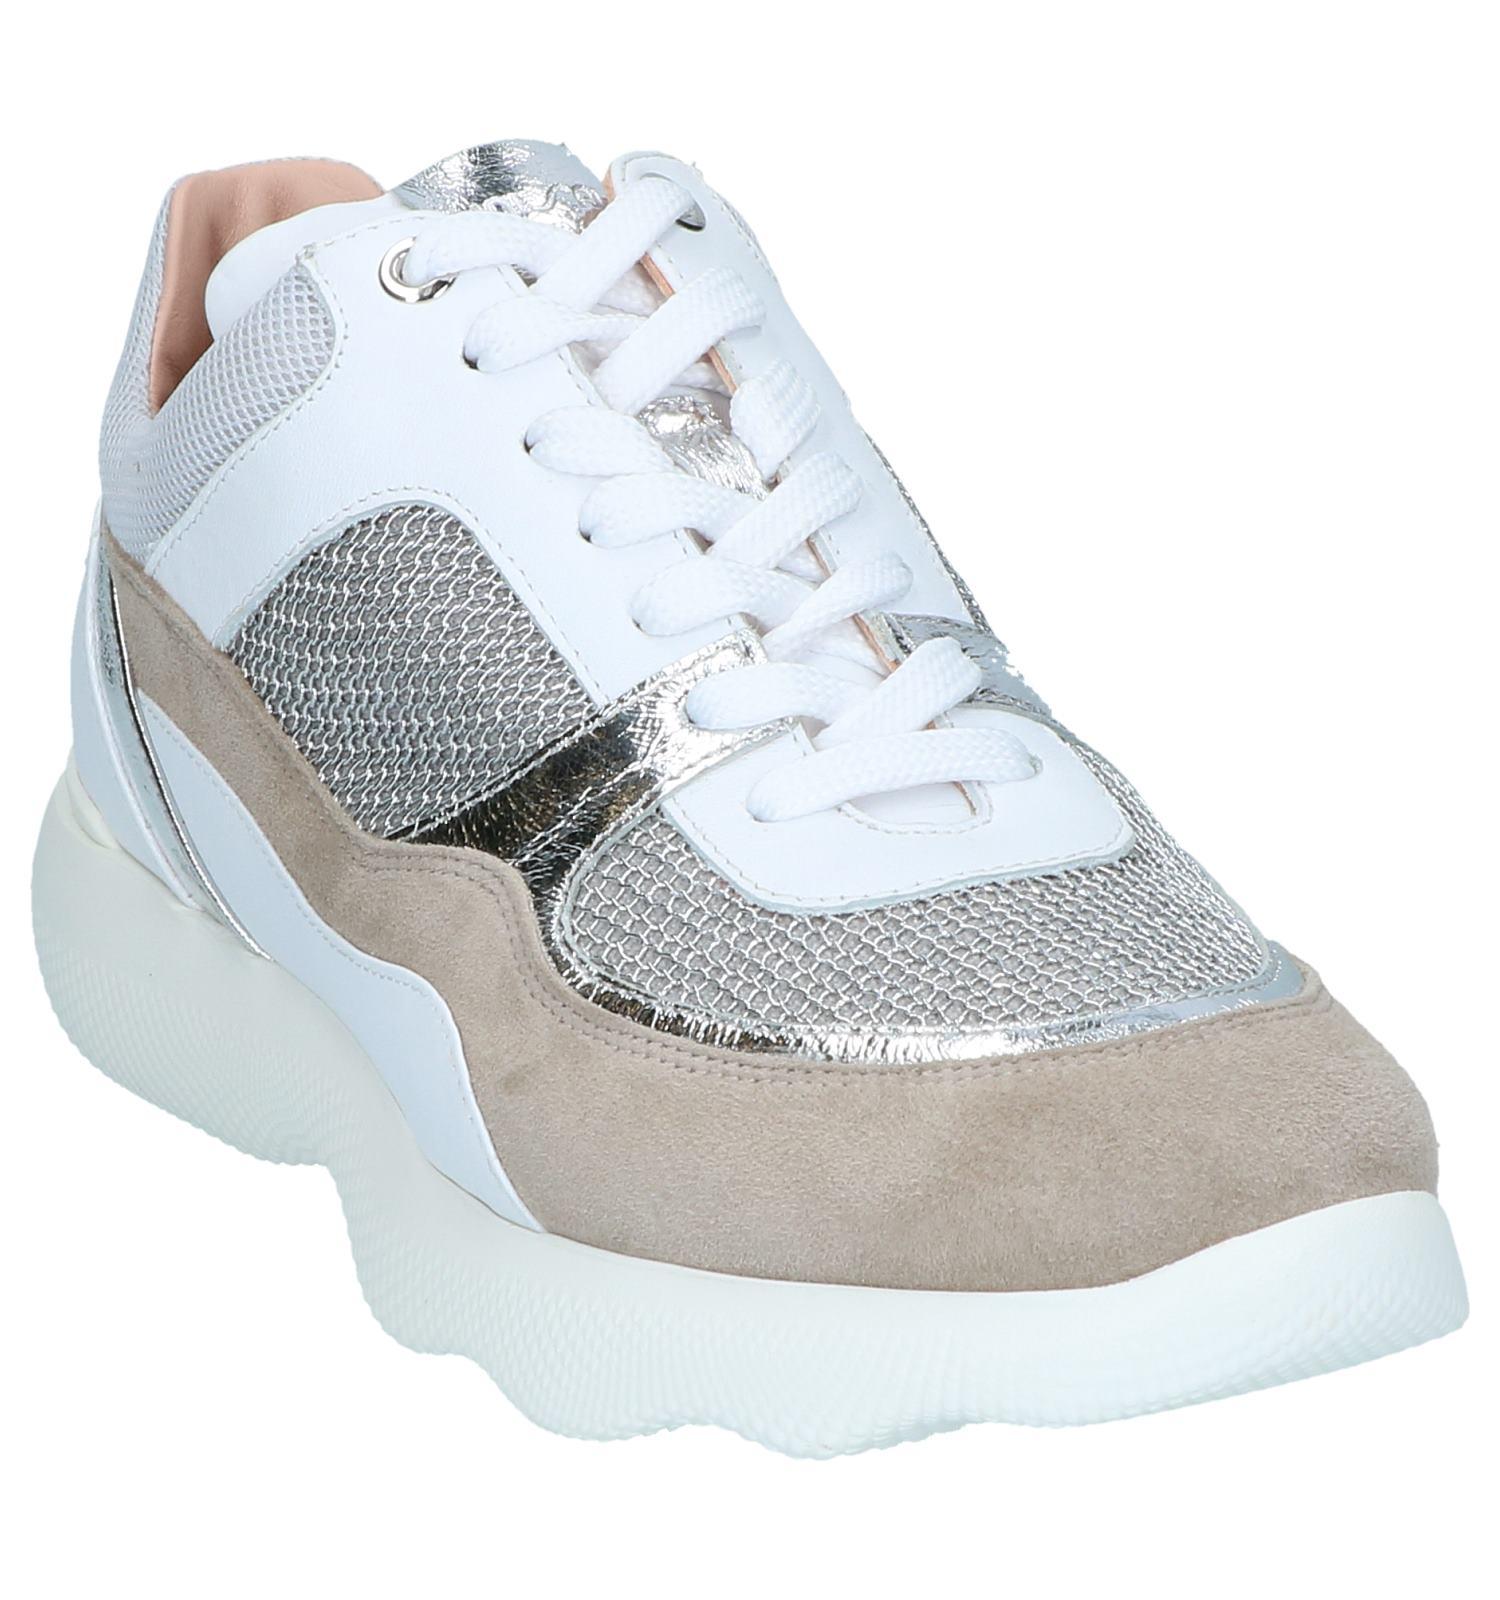 Witte Lage Sneakers Unisa | SCHOENENTORFS.NL | Gratis